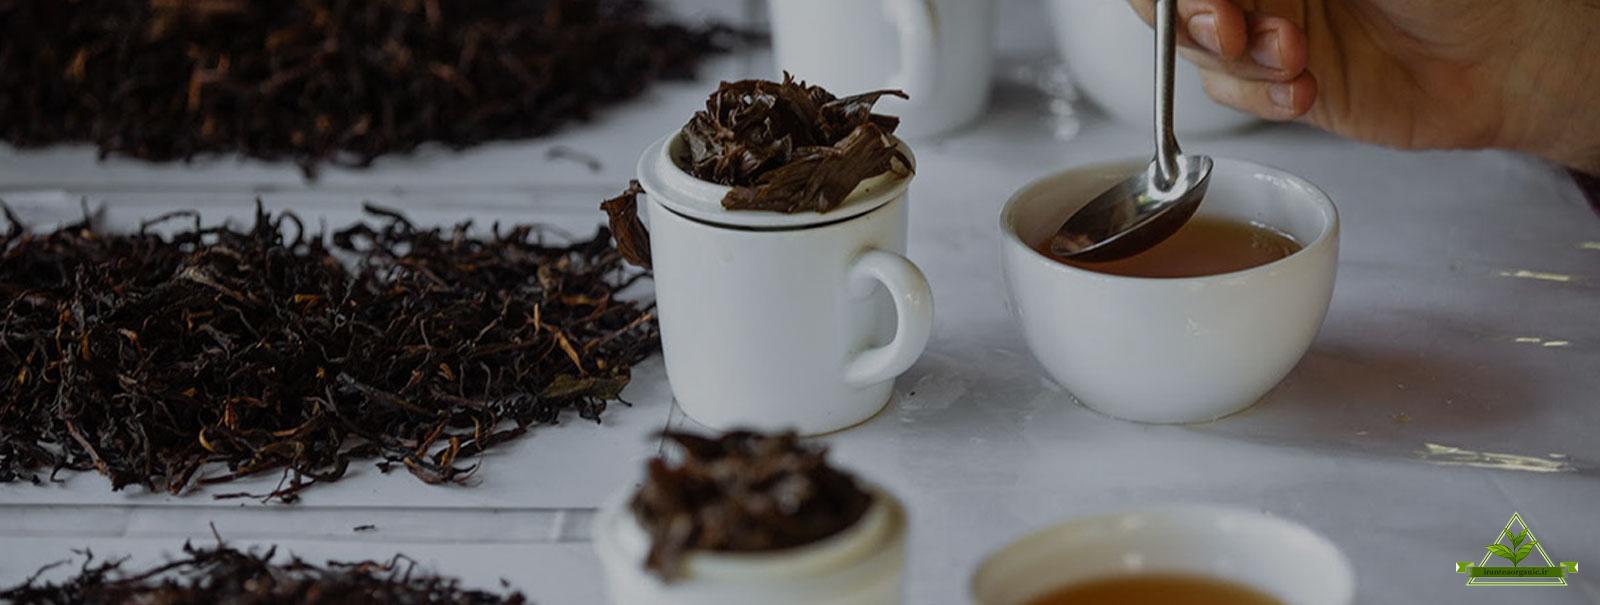 قیمت انواع چای سیاه